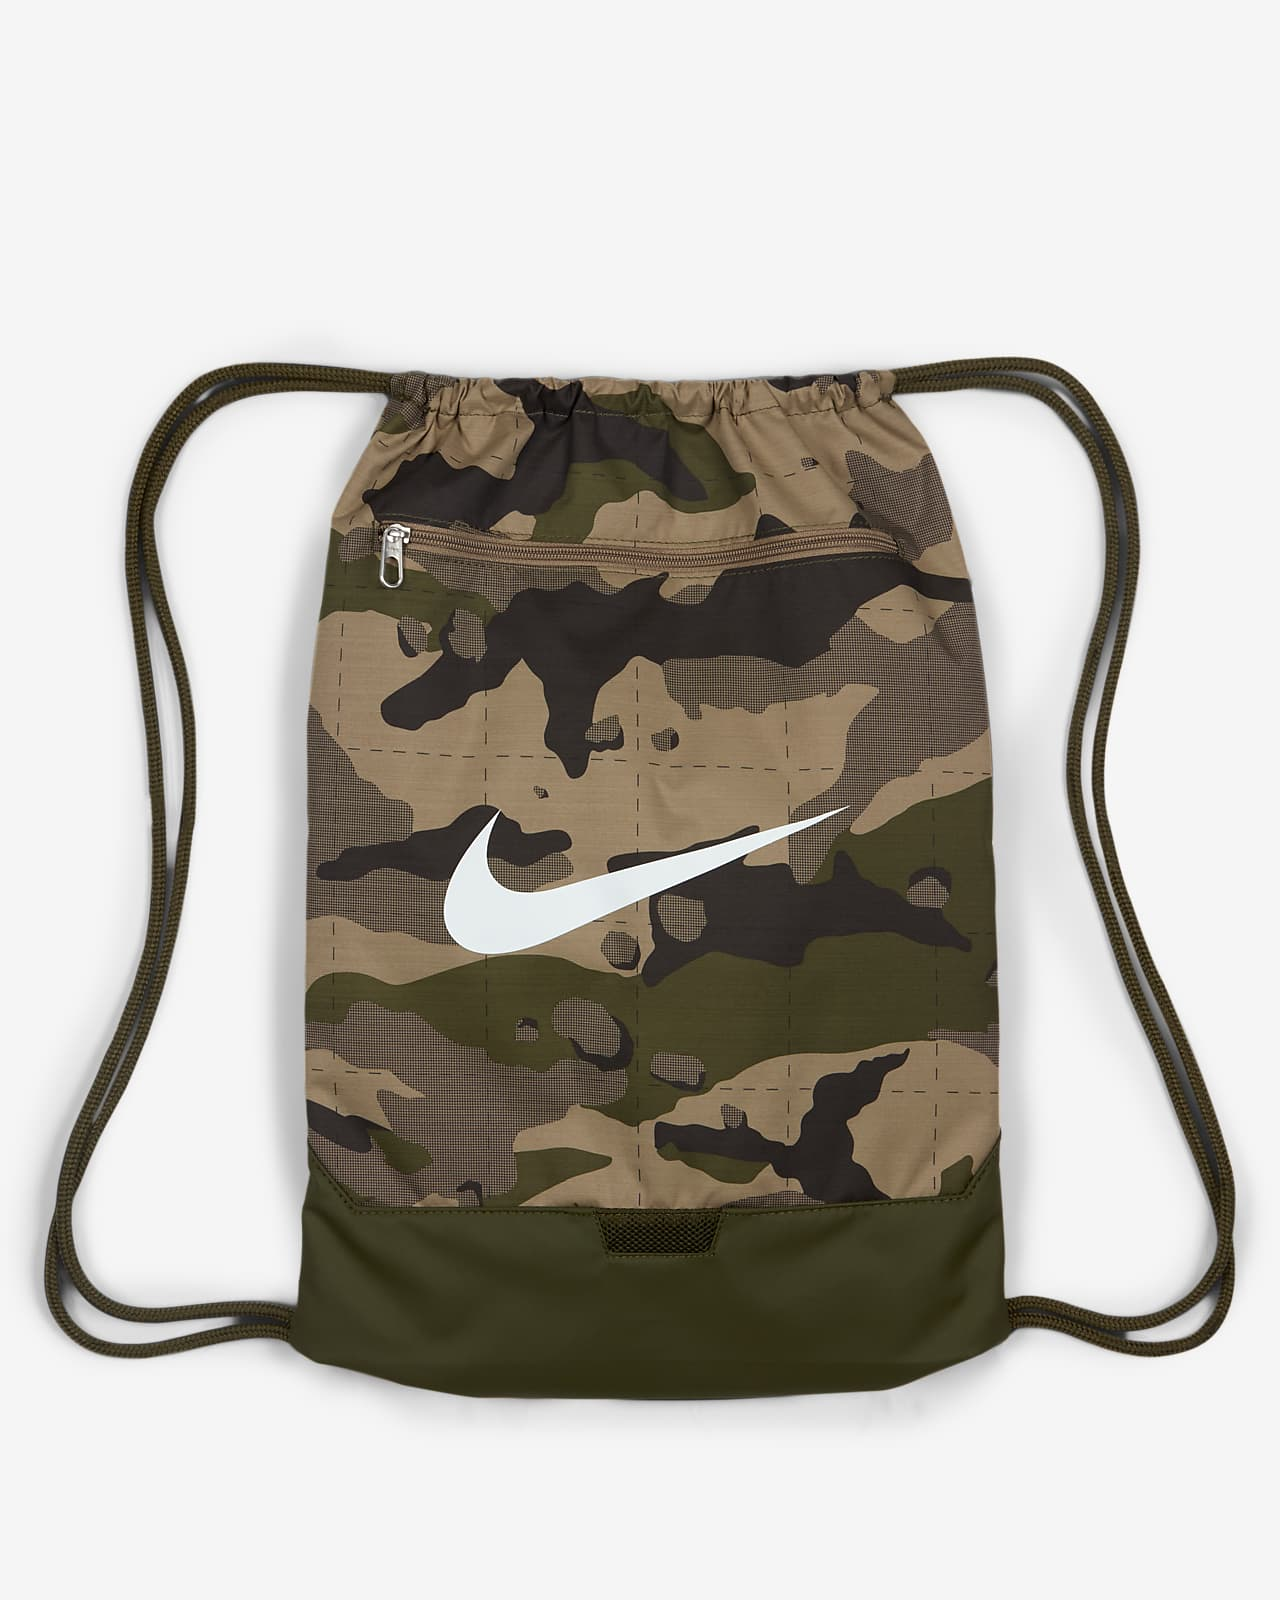 ถุงผ้าสำหรับยิมลายพราง Nike Brasilia